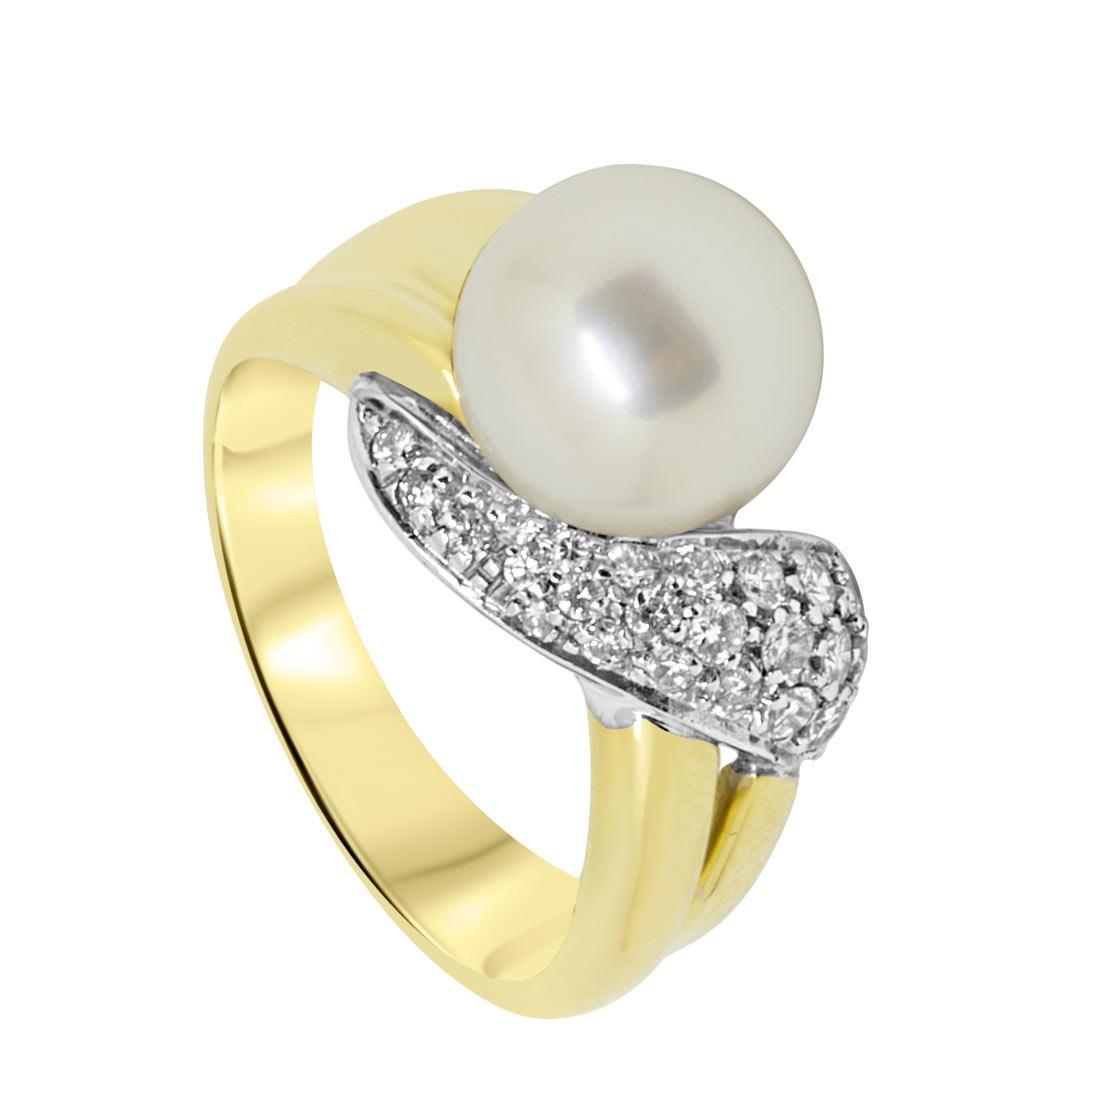 Anello Oro & Co in oro giallo con pavè di diamanti 0.35 ct e perla, misura 14 - ORO&CO